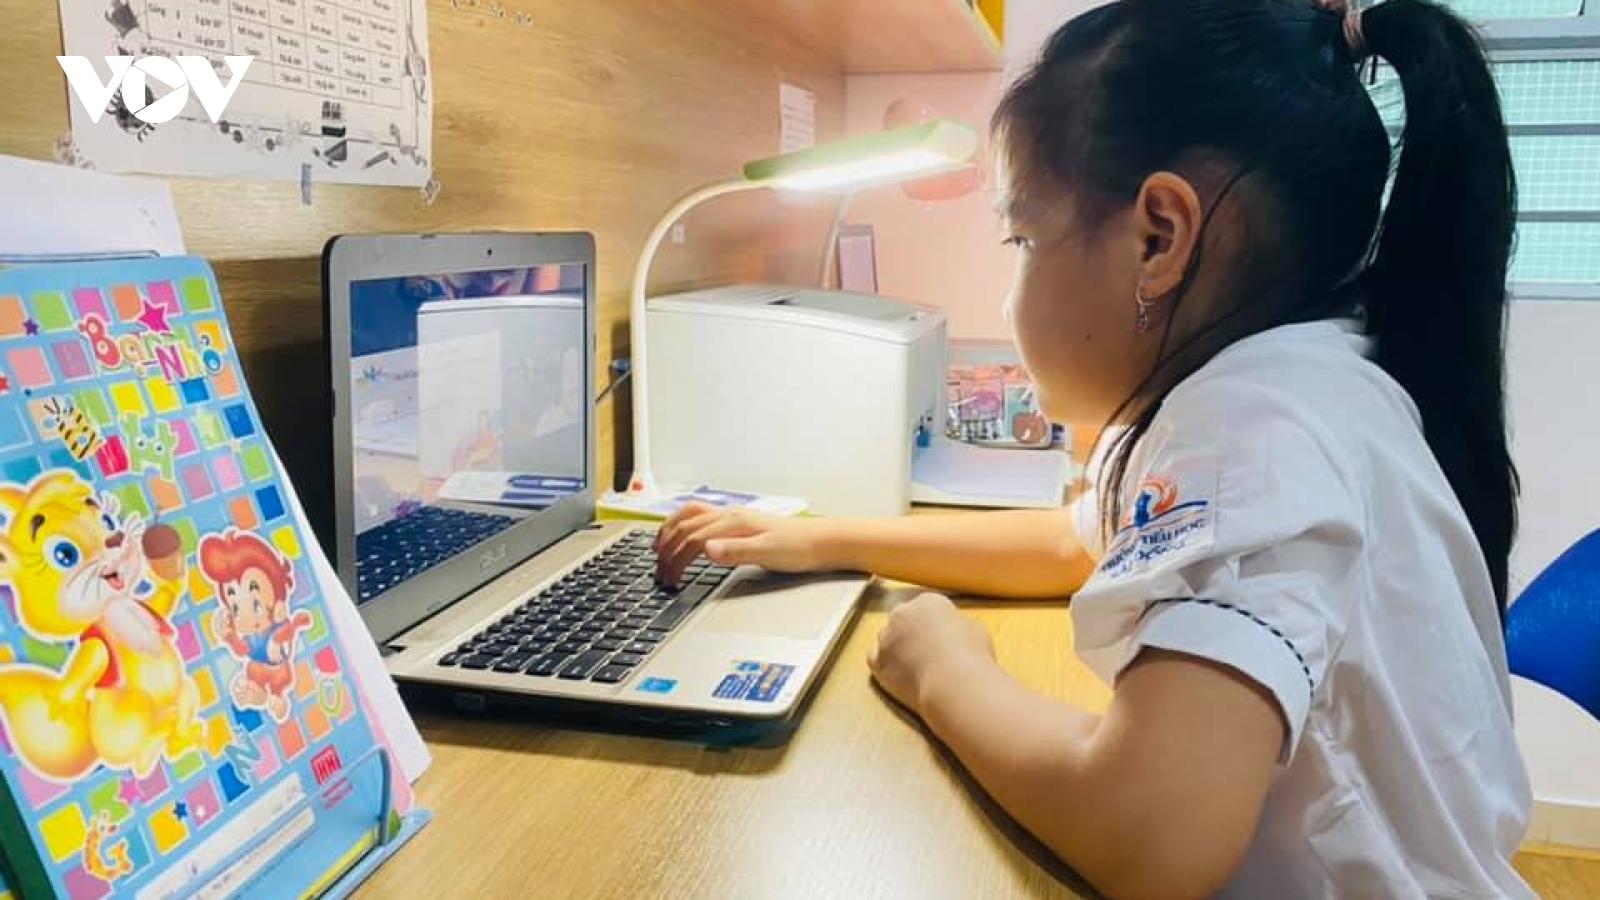 """Học trực tuyến, giáo viên phải là """"người bạn"""" cùng chơi, cùng học với trẻ"""